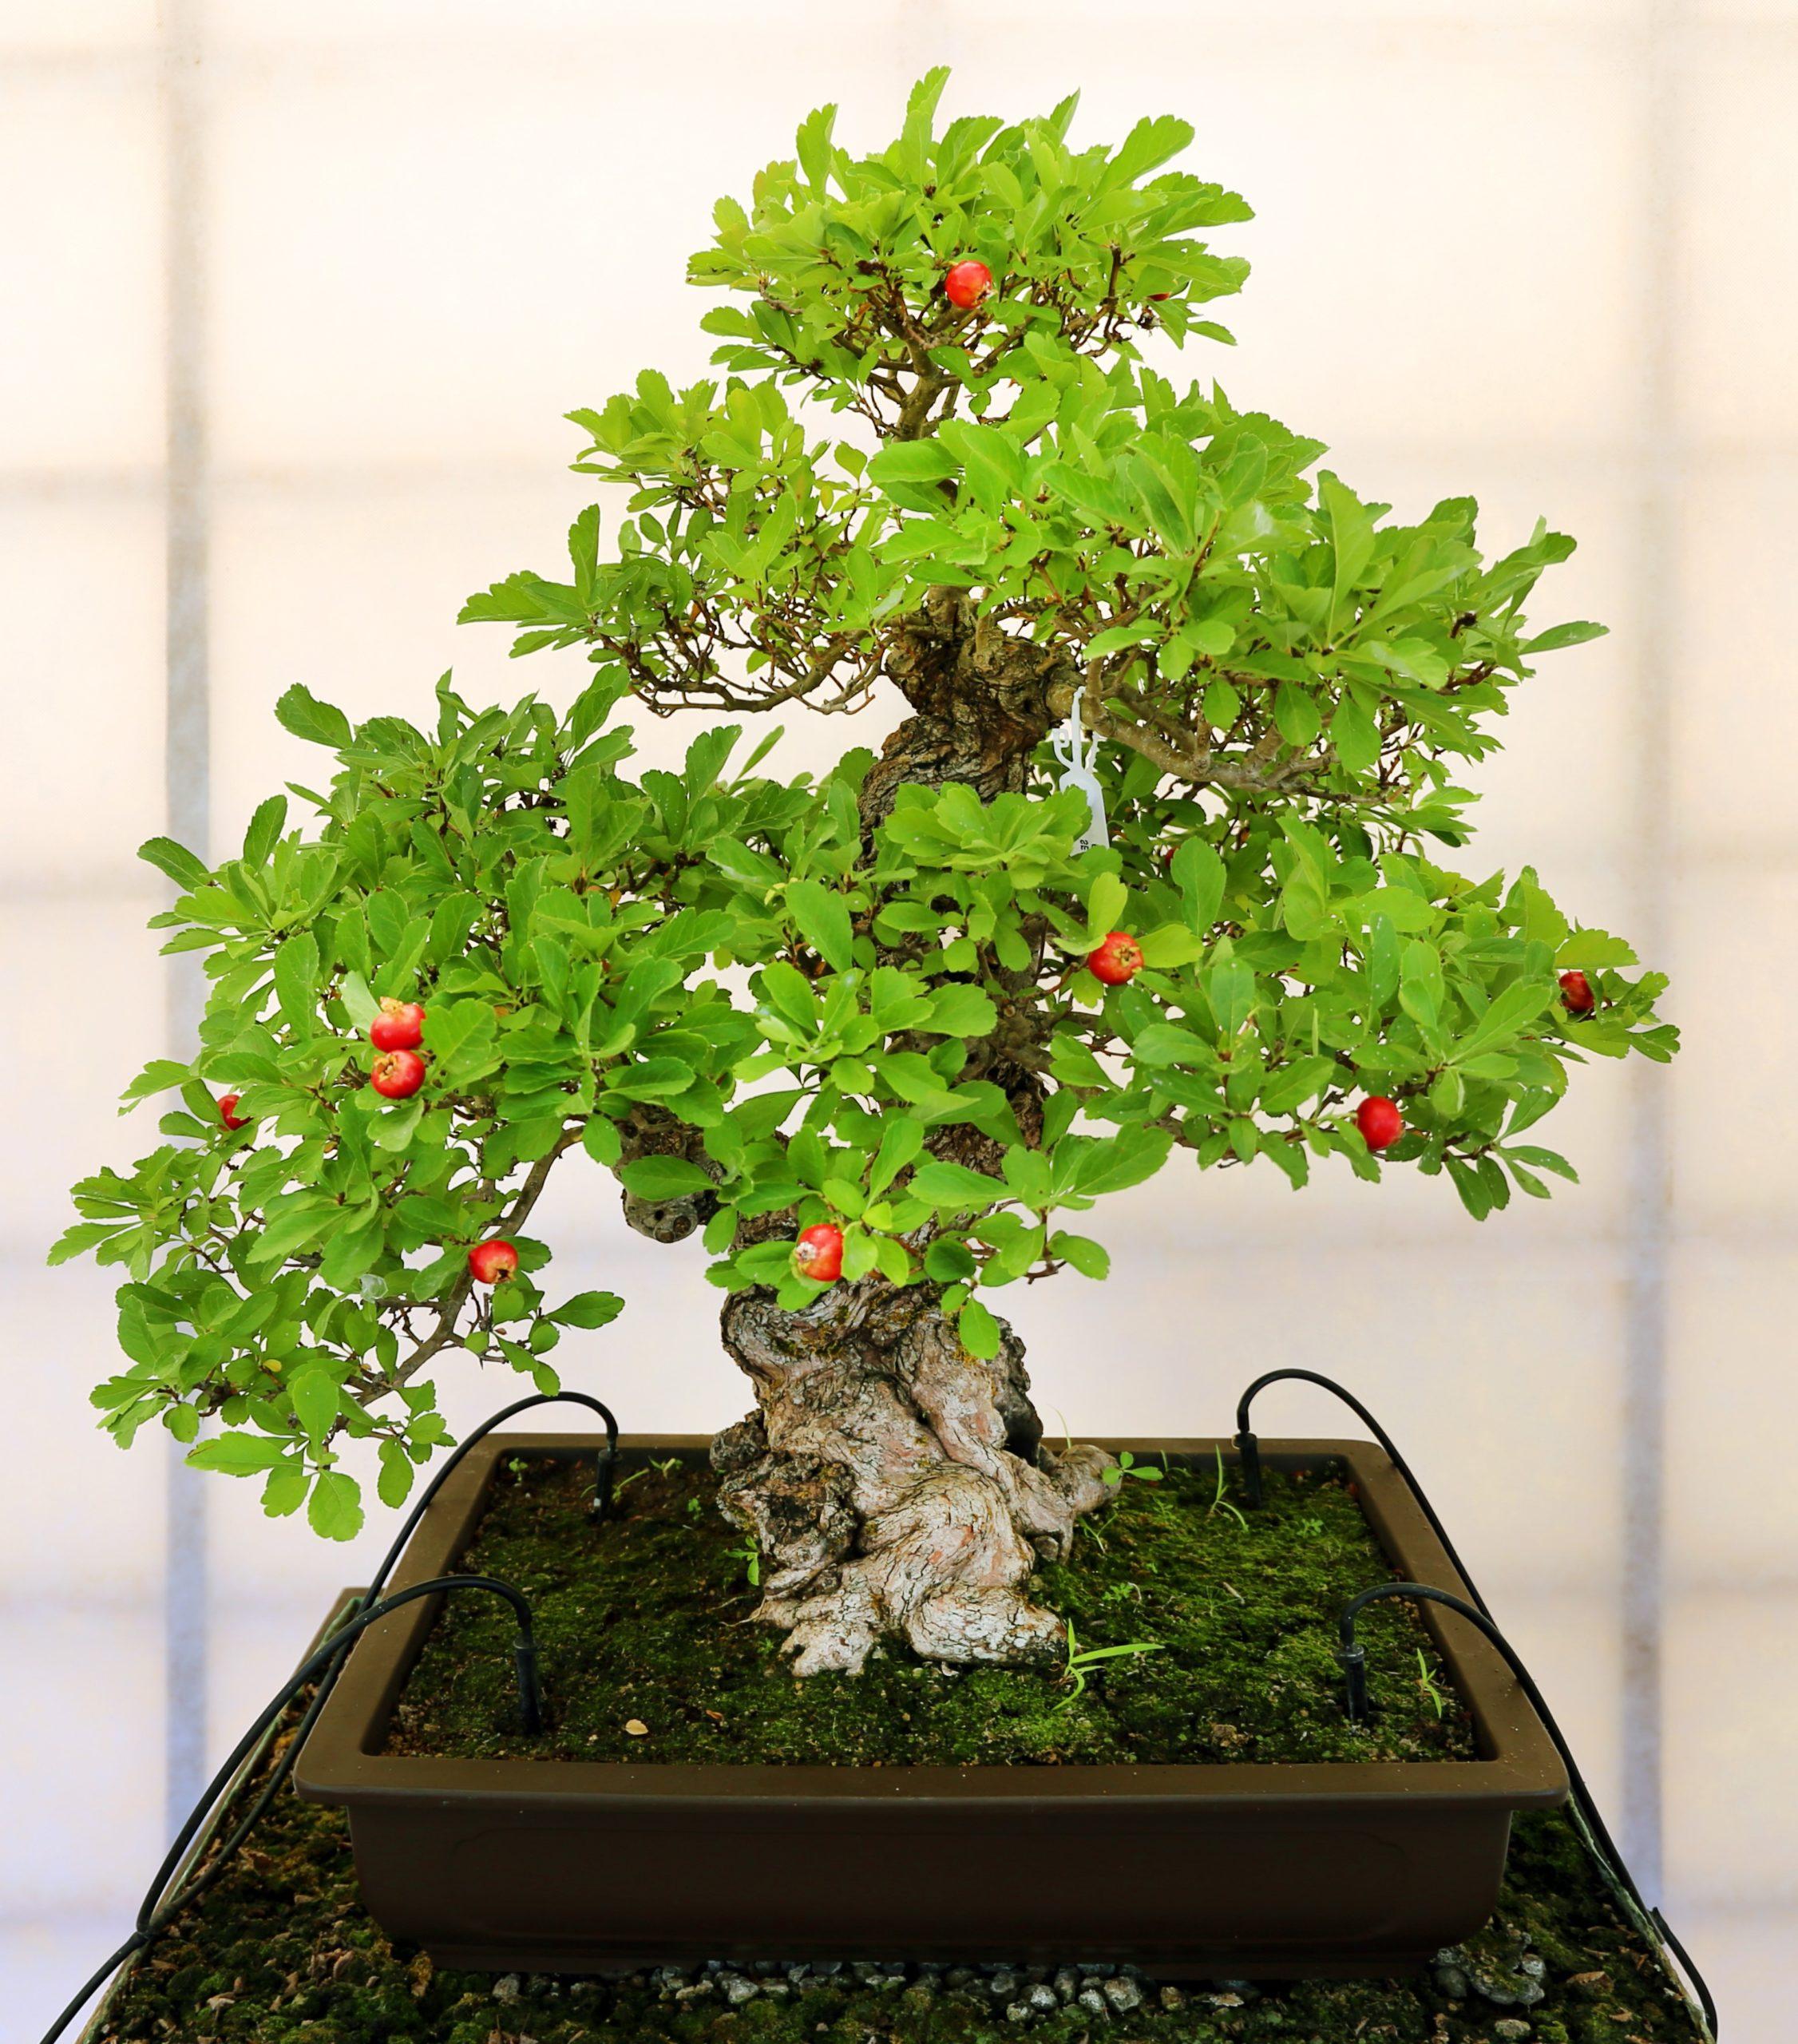 Achat de bonsaï: Le Ficus est tolérant à une faible humidité et peut supporter beaucoup; c'est un bon choix pour les débutants.